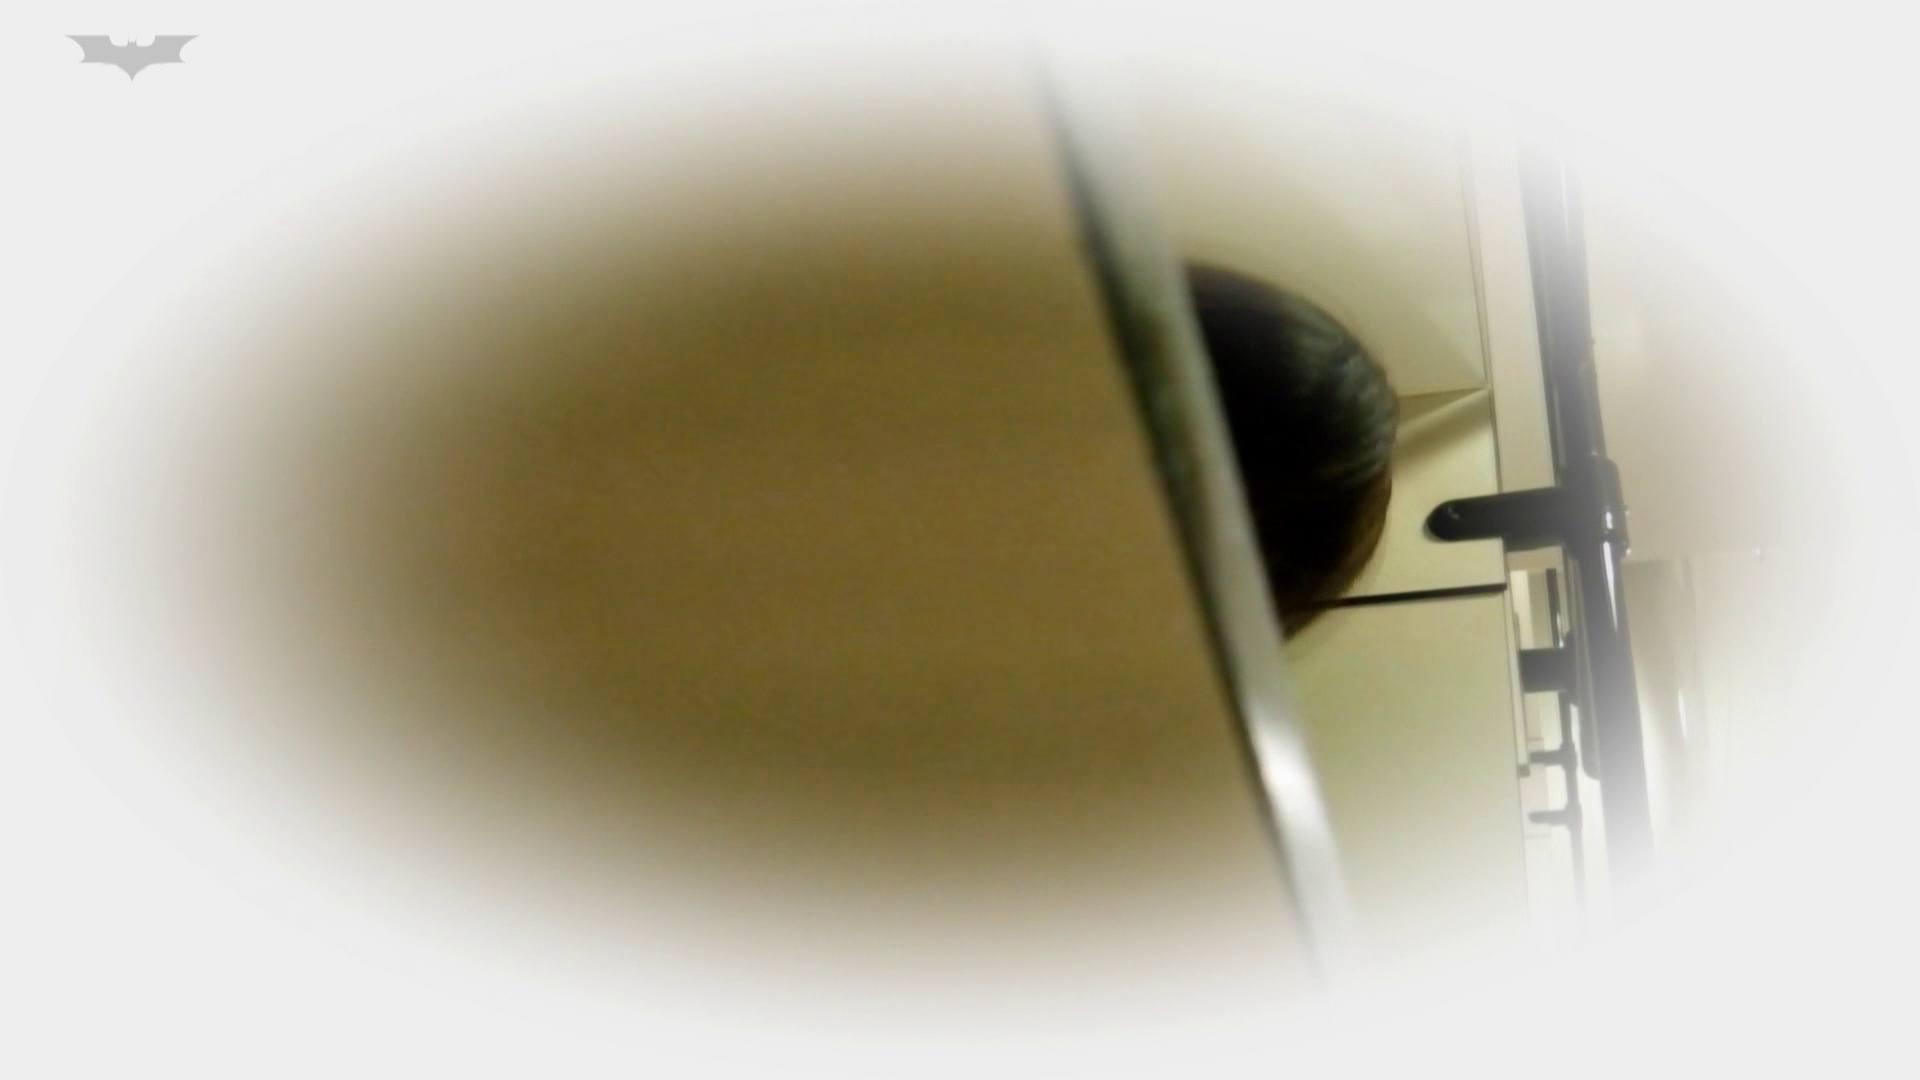 新世界の射窓 No73 185cm!スニーカーでも頭がでちゃうモデル特集 丸見え おまんこ無修正動画無料 77枚 14